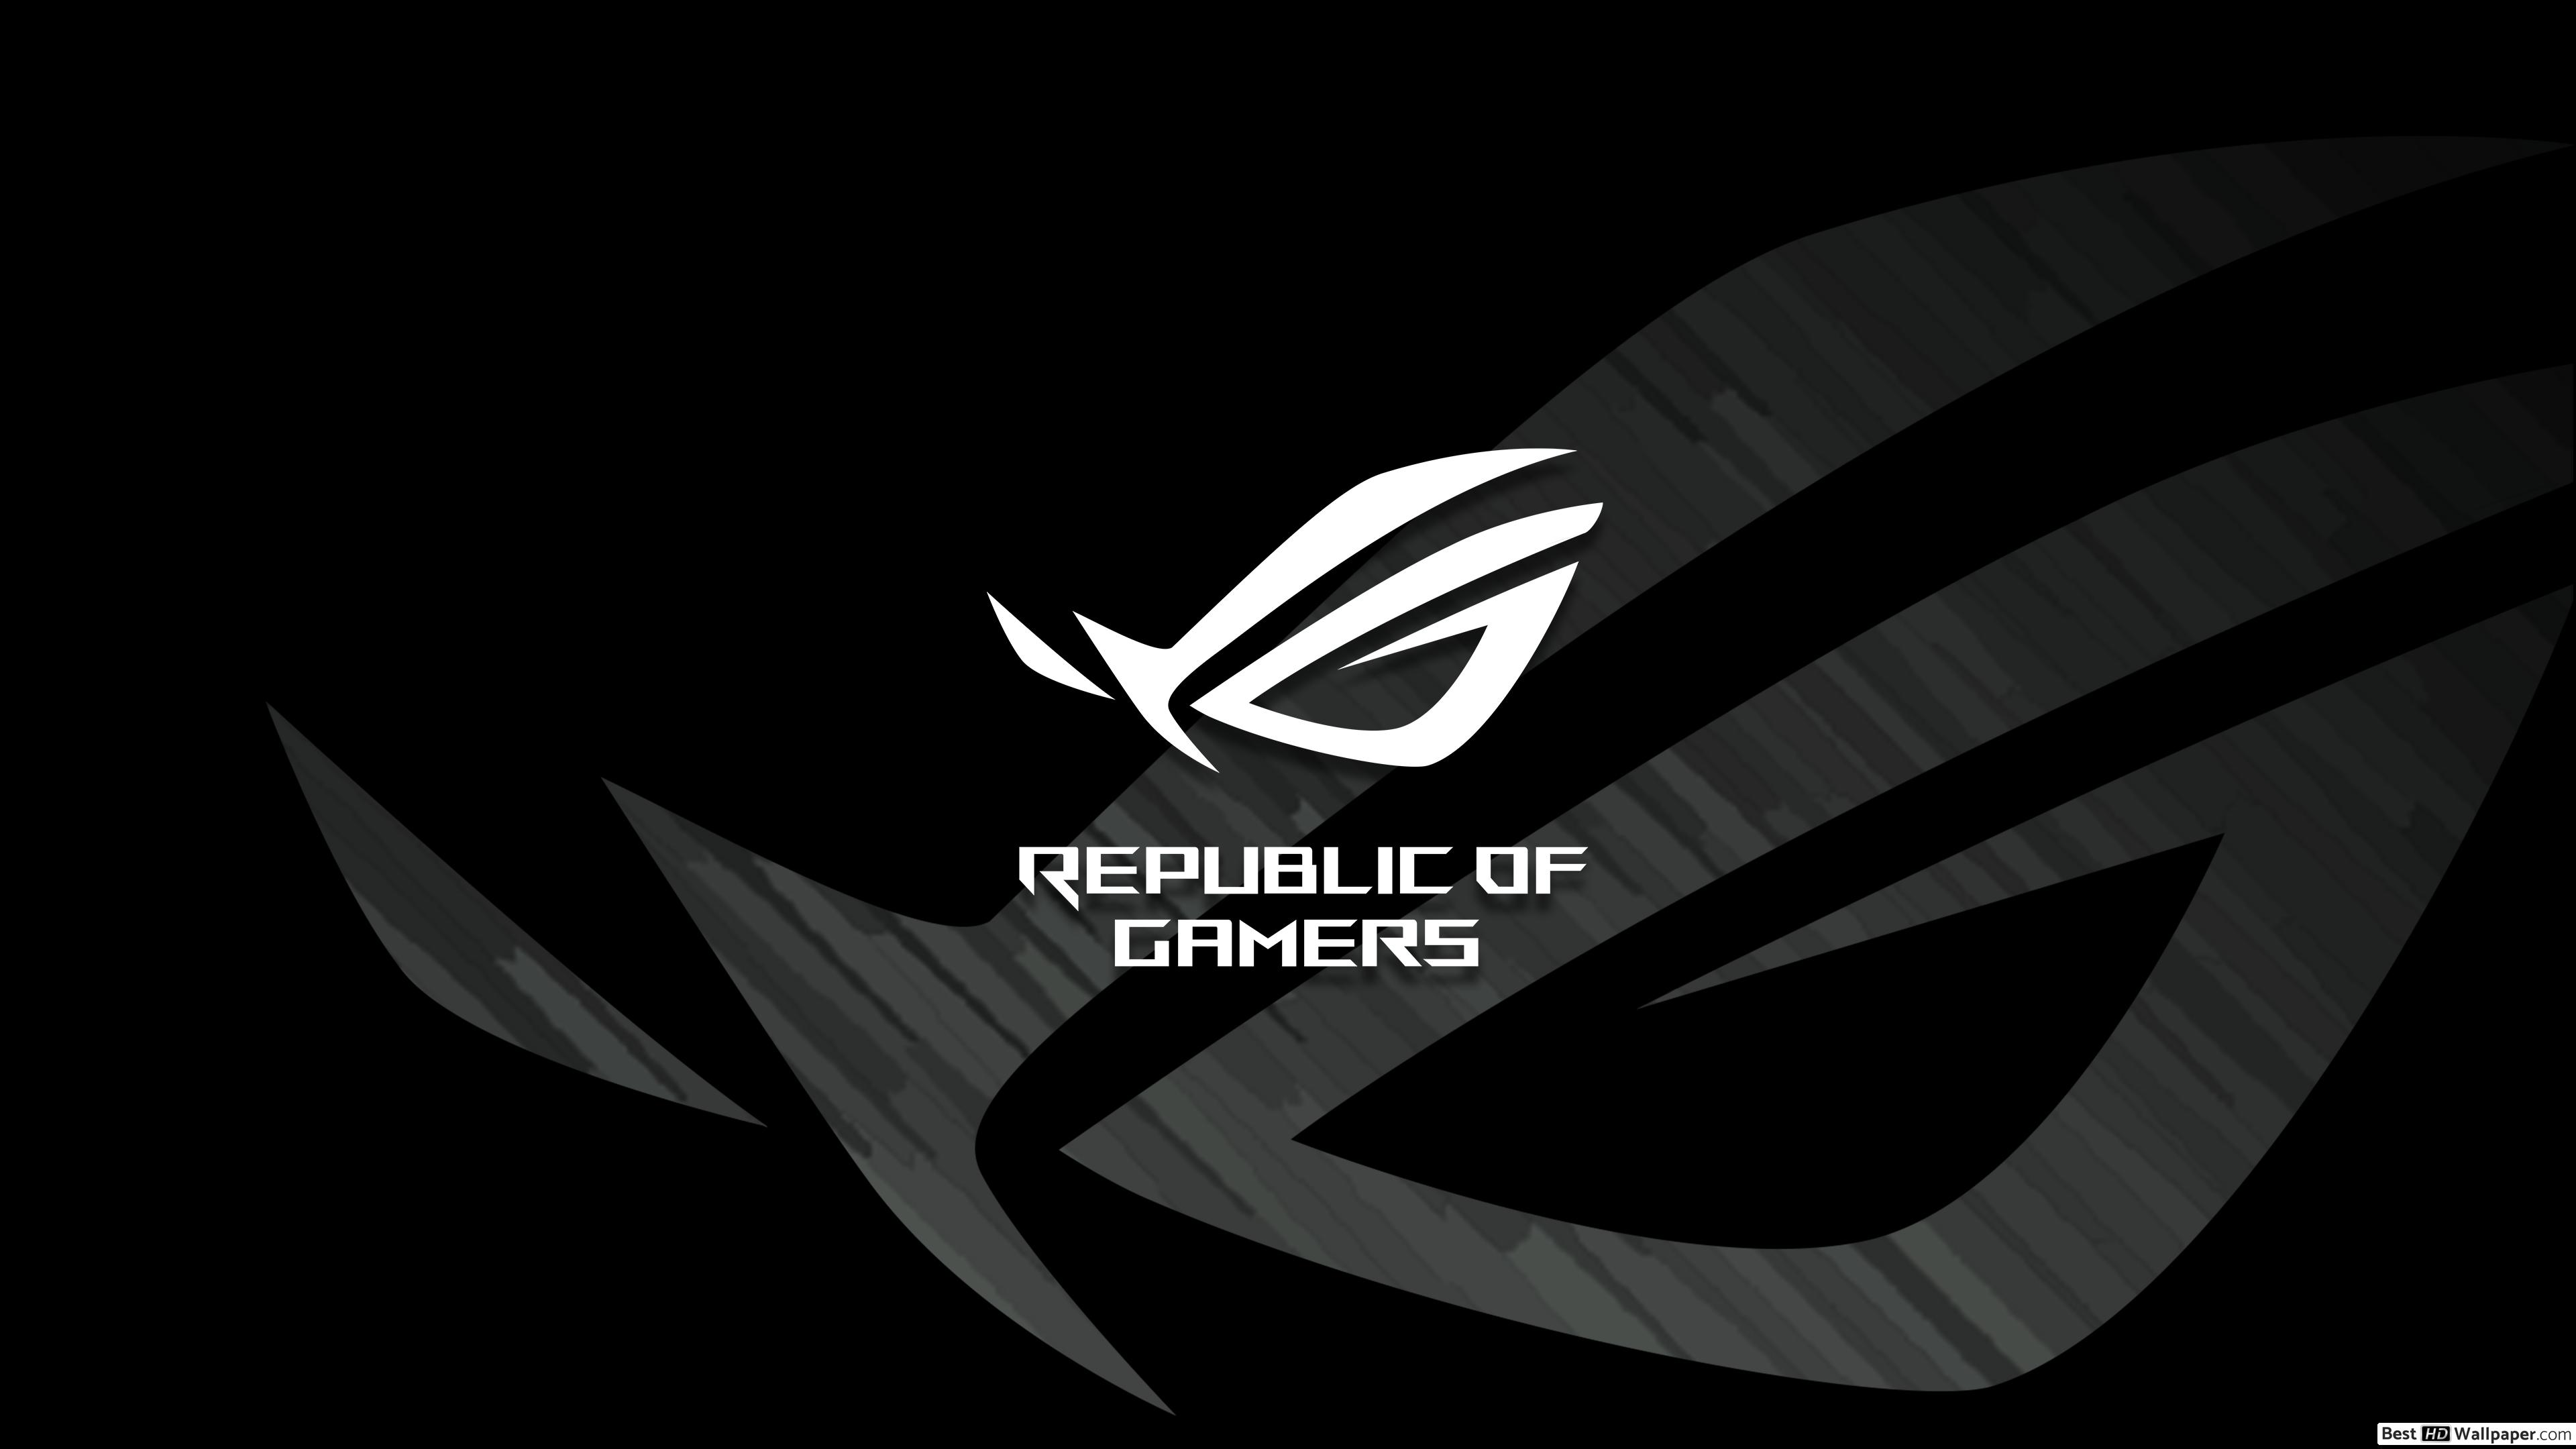 Asus ROG Republic of Gamers   ROG Classic Dark LOGO HD wallpaper 3840x2160